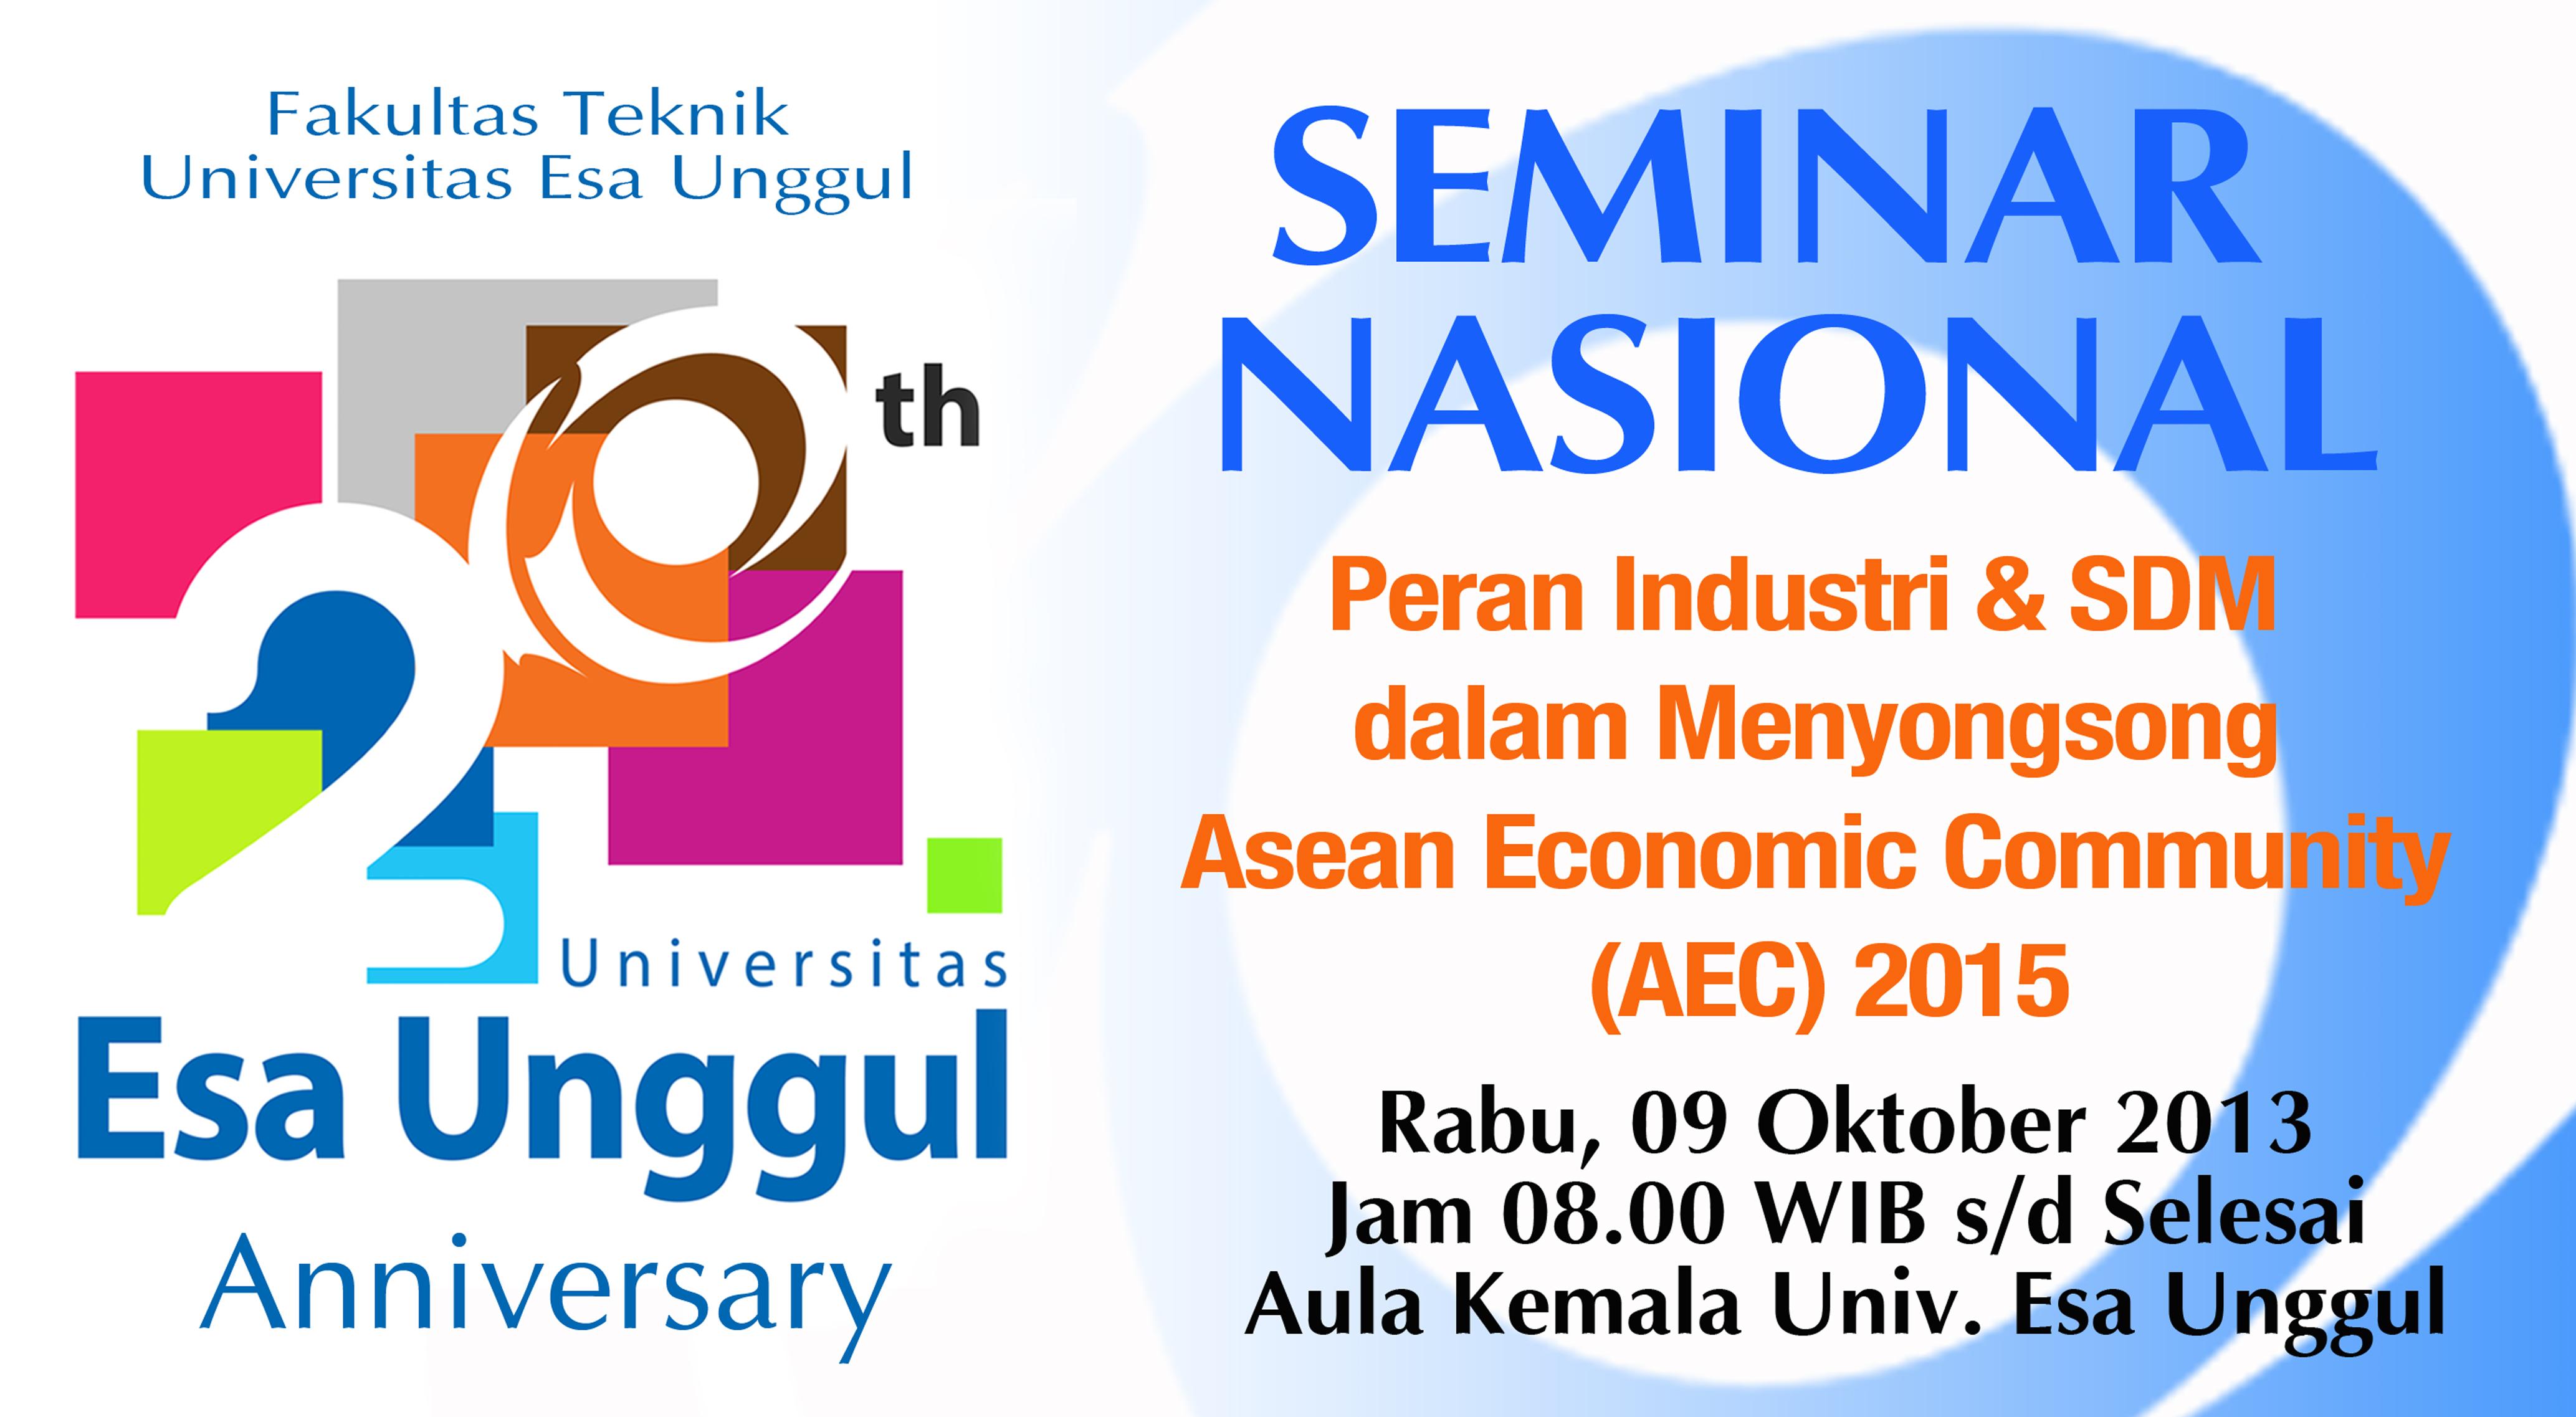 """Fakultas Teknik Universitas Esa Unggul menyelenggarakan Seminar Nasional """" Peran Industri dan SDM dalam Menyongsong ASEAN Economic Community 2015 """""""